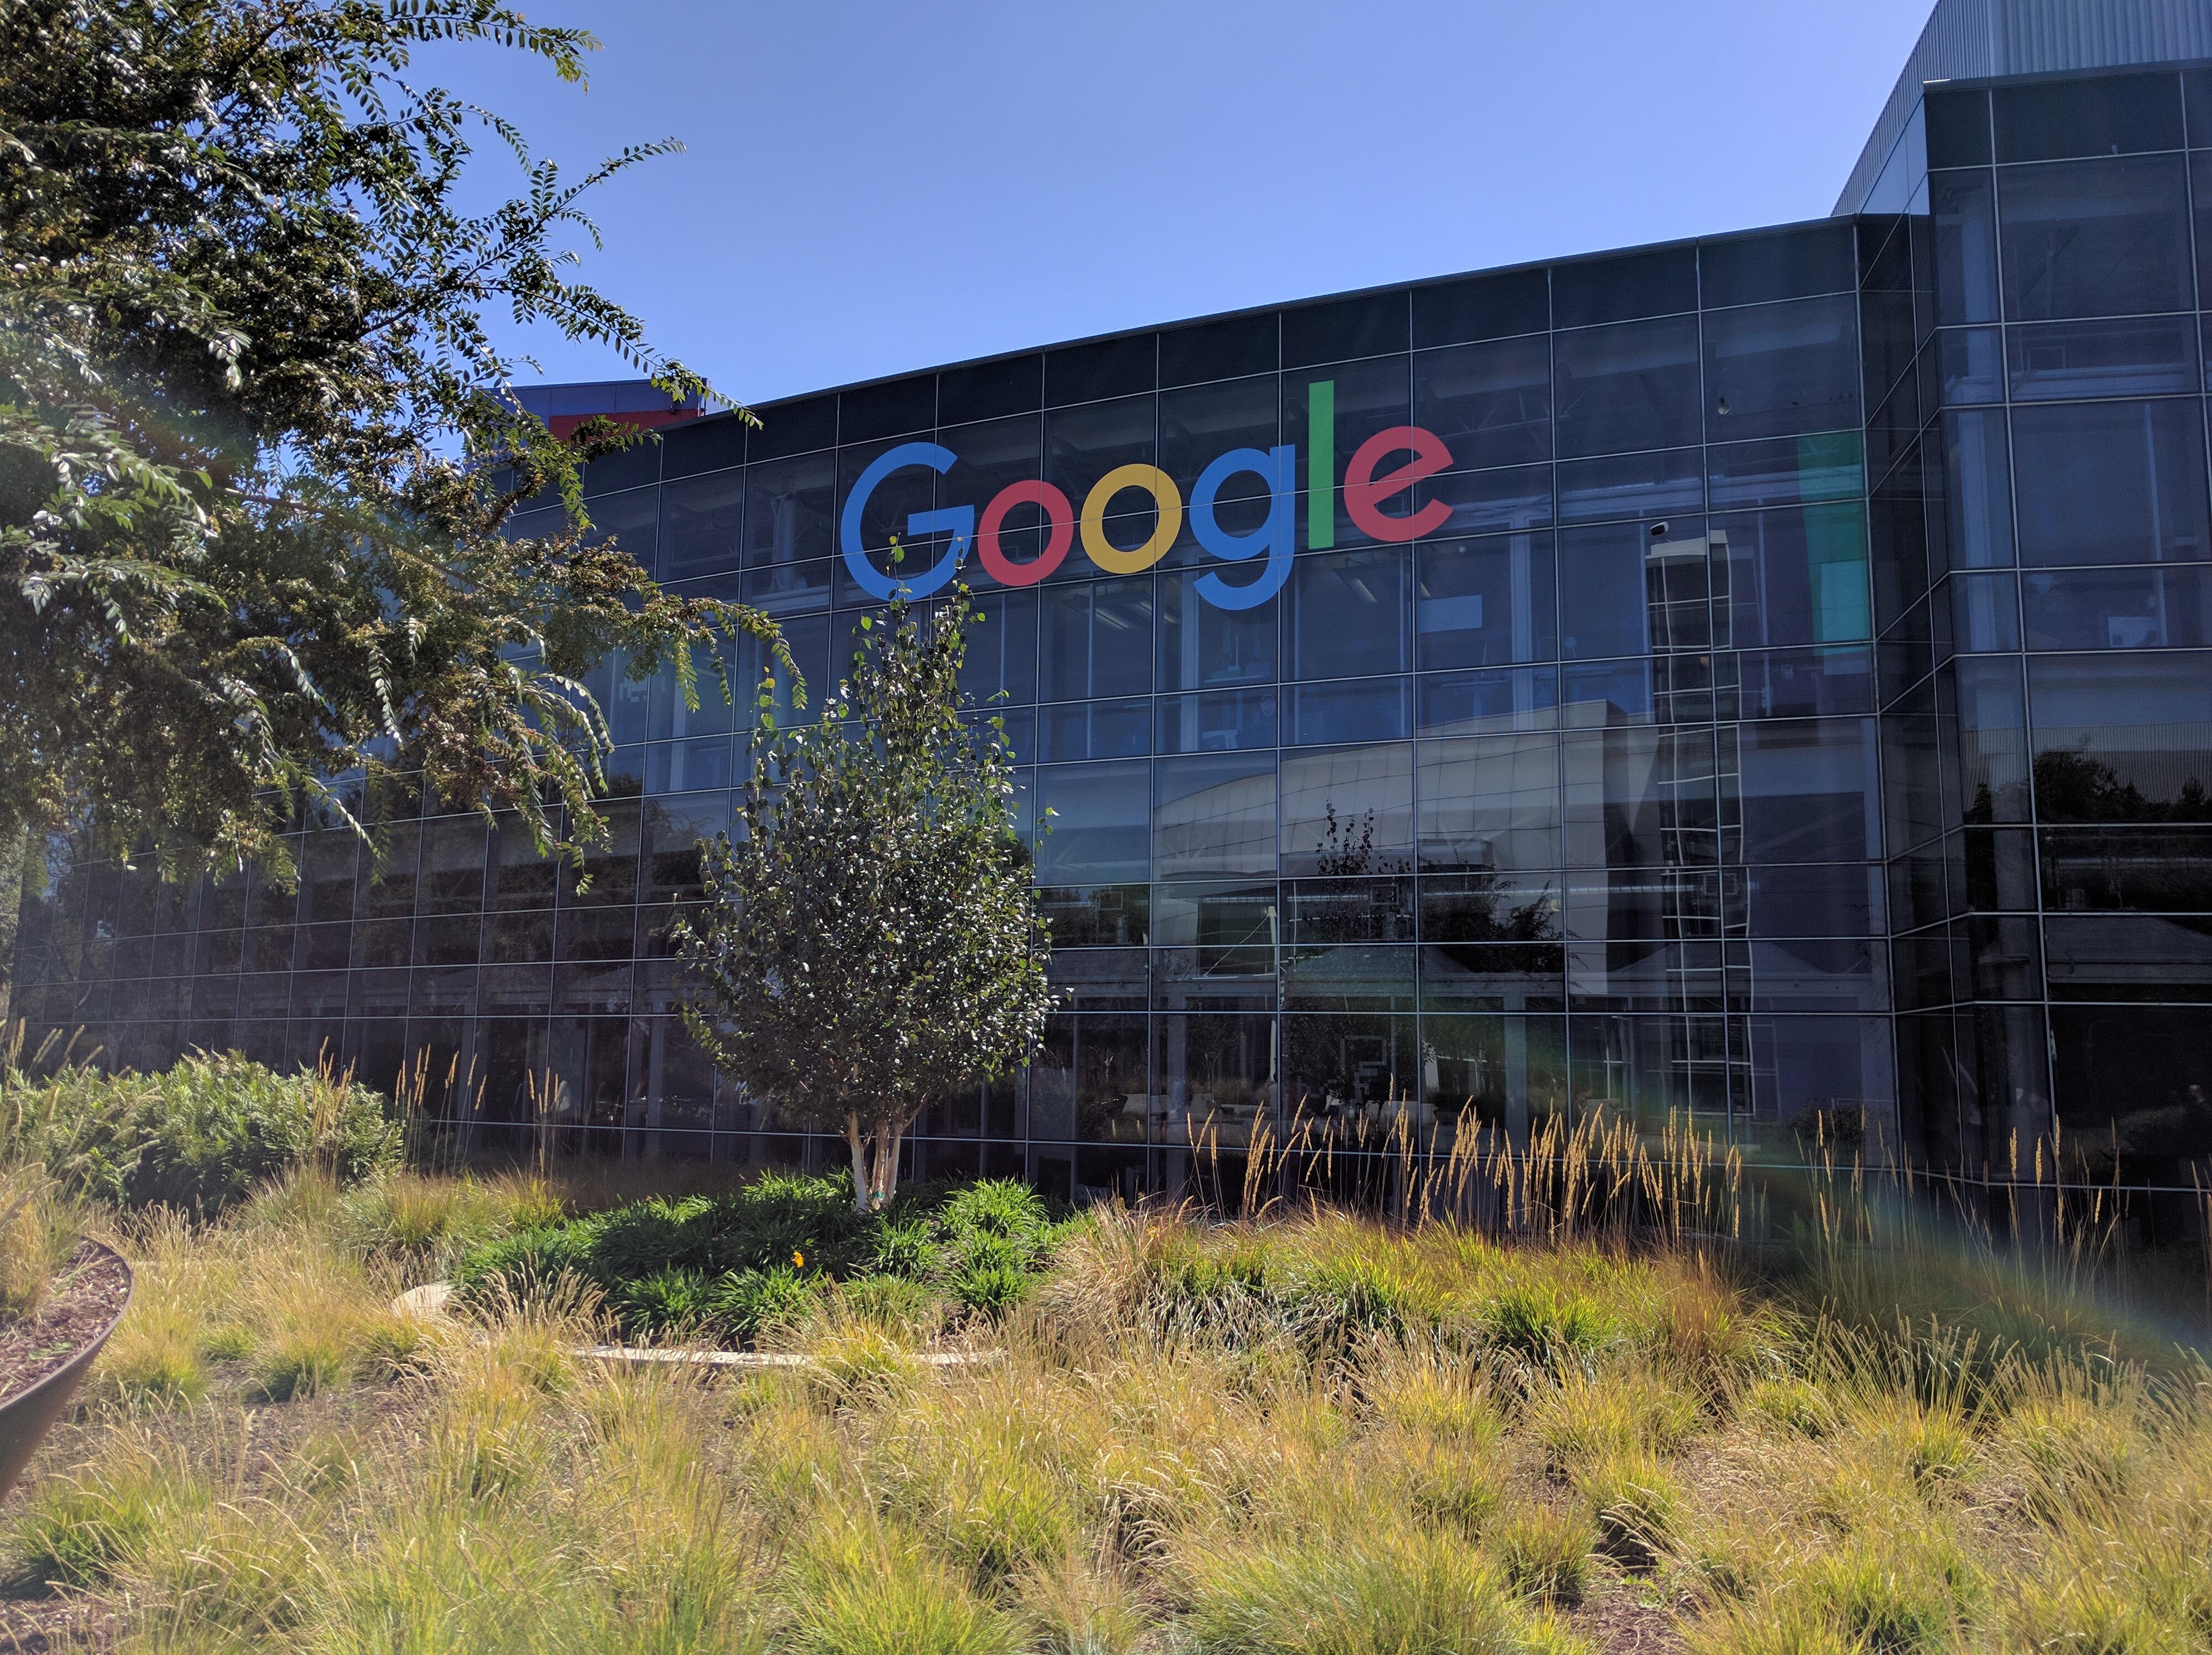 google-plex-a-moutain-view